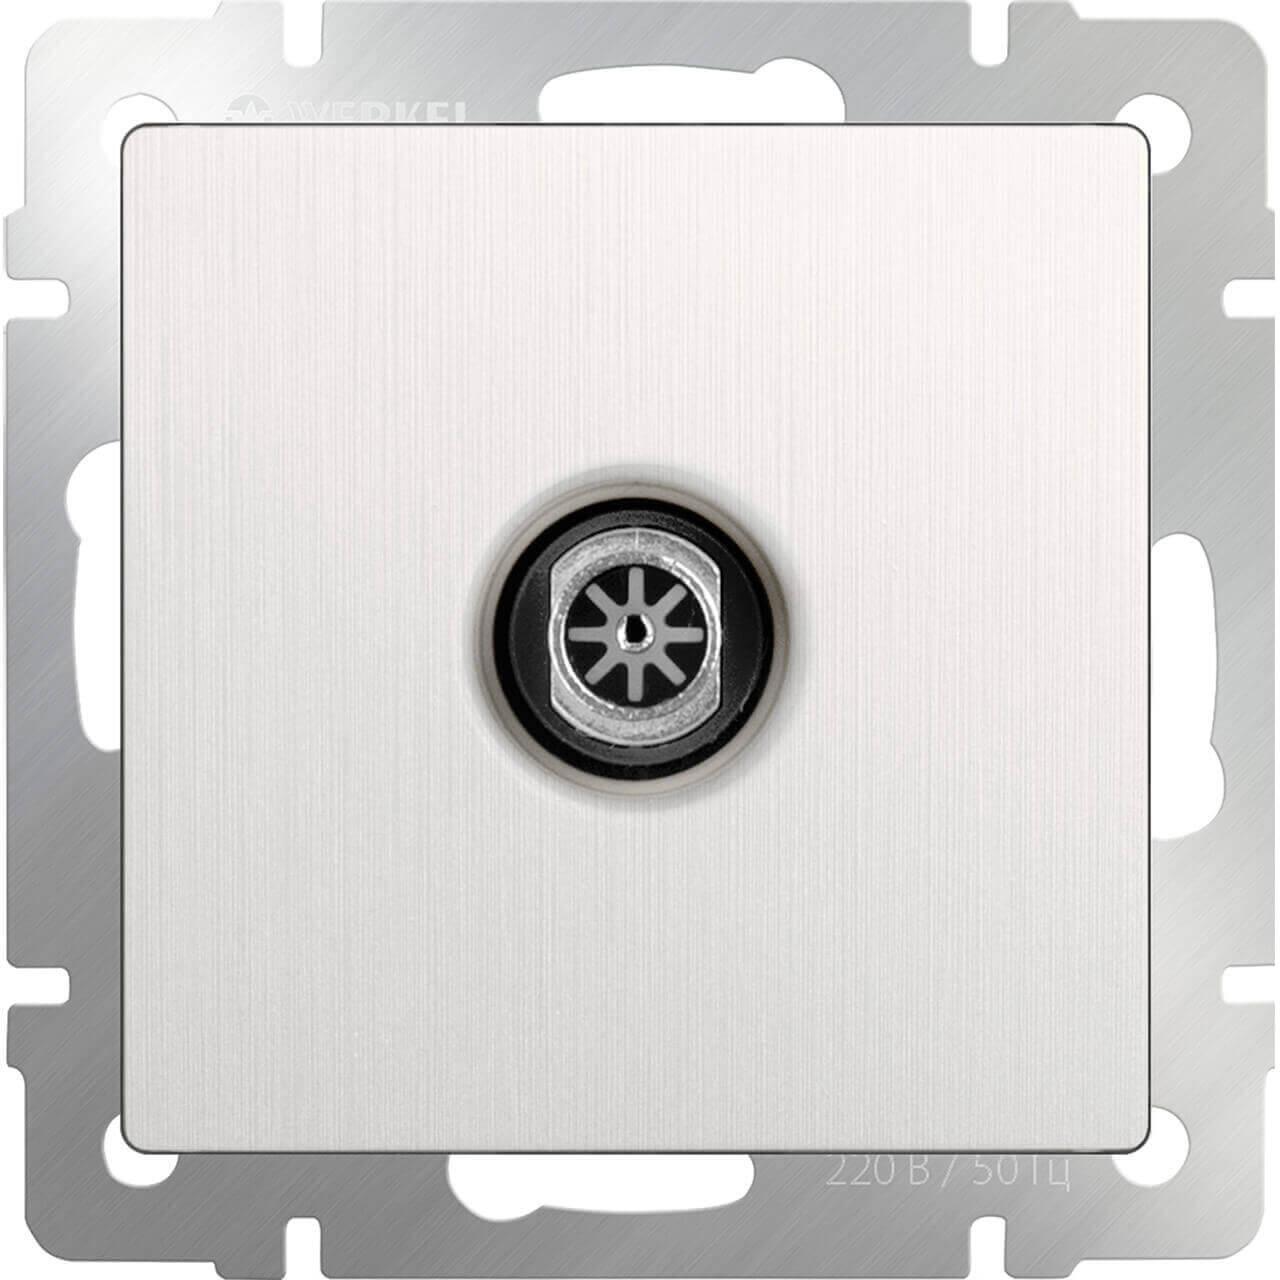 ТВ-розетка Werkel оконечная перламутровый рифленый WL13-TV 4690389124464